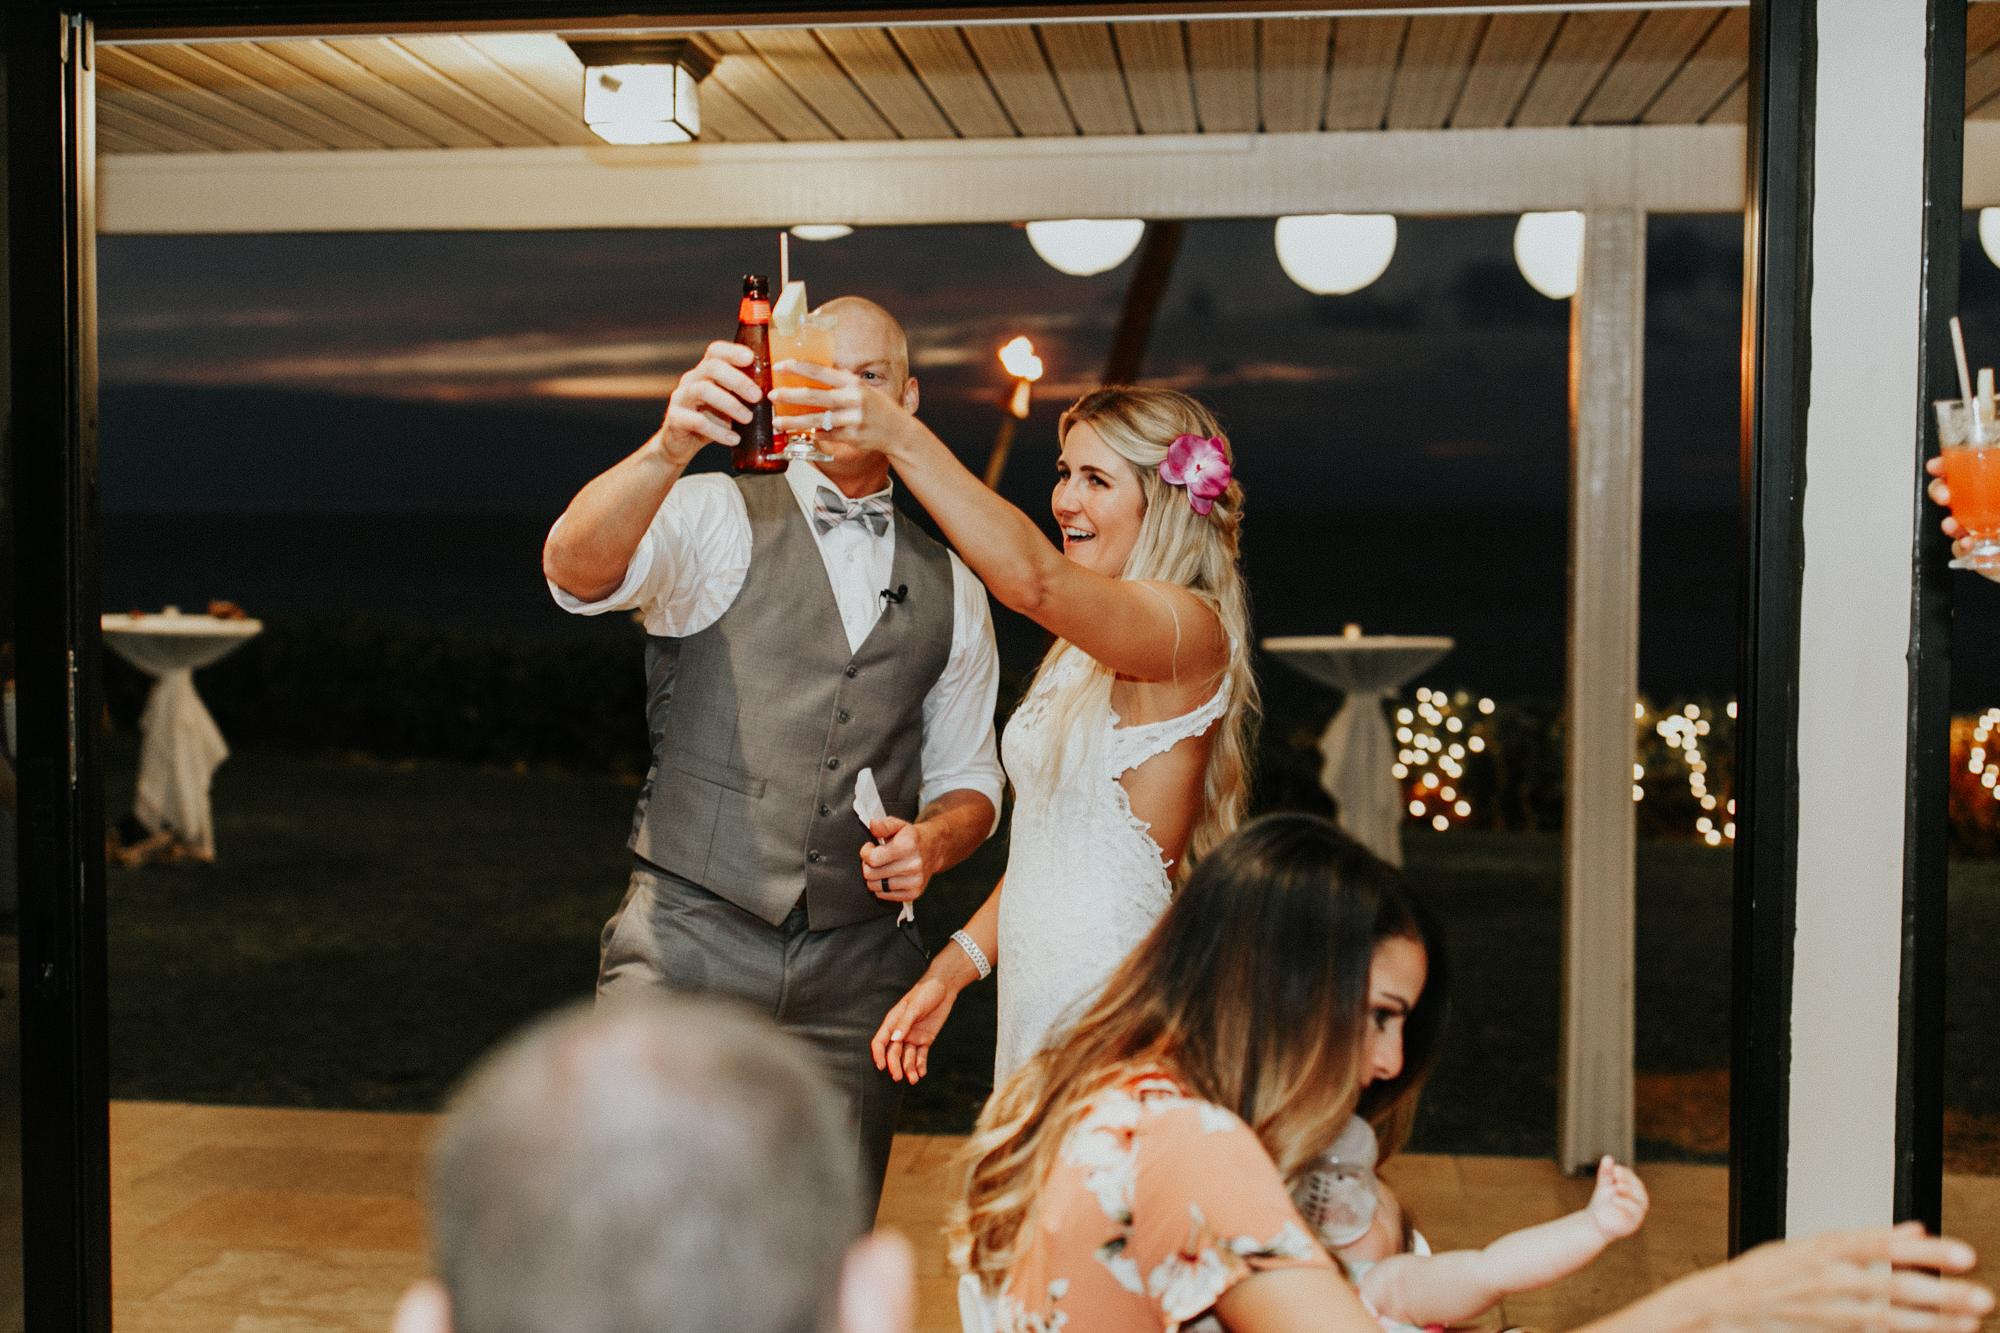 destination-wedding-photographer-hawaii-maui-elopement-115.jpg